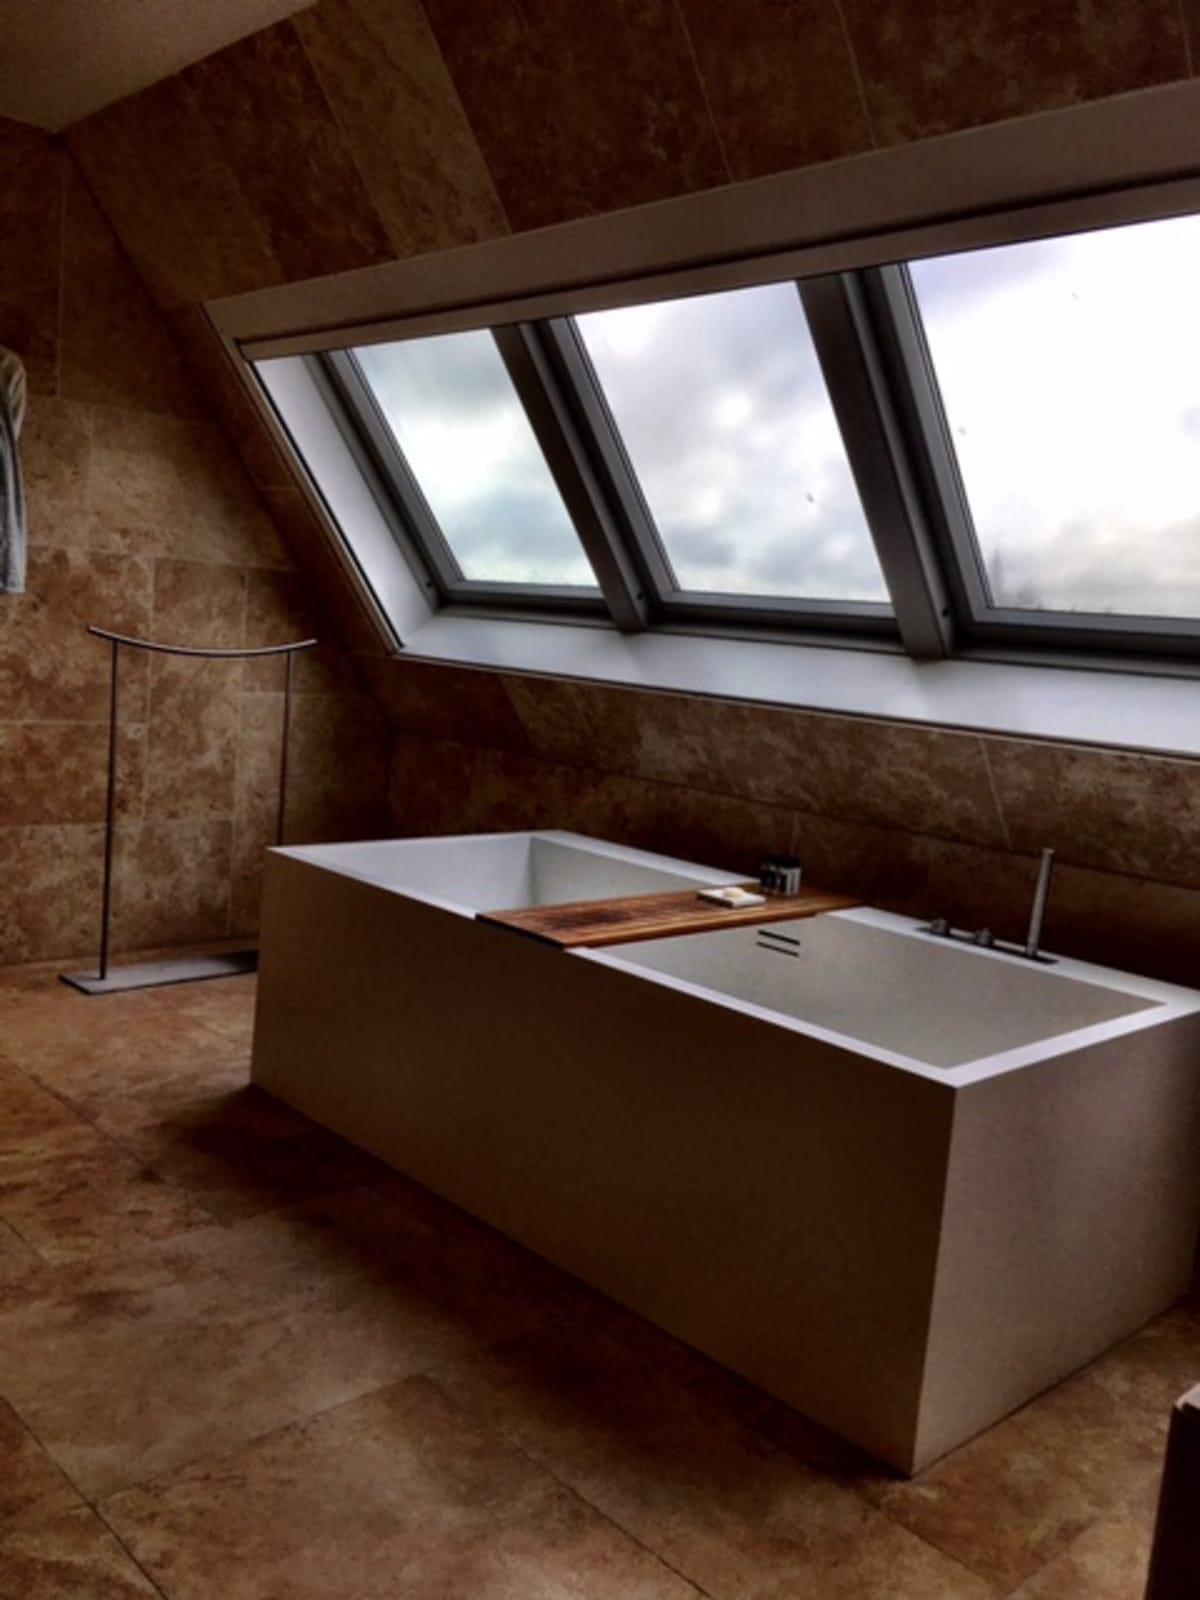 hotel bathtub